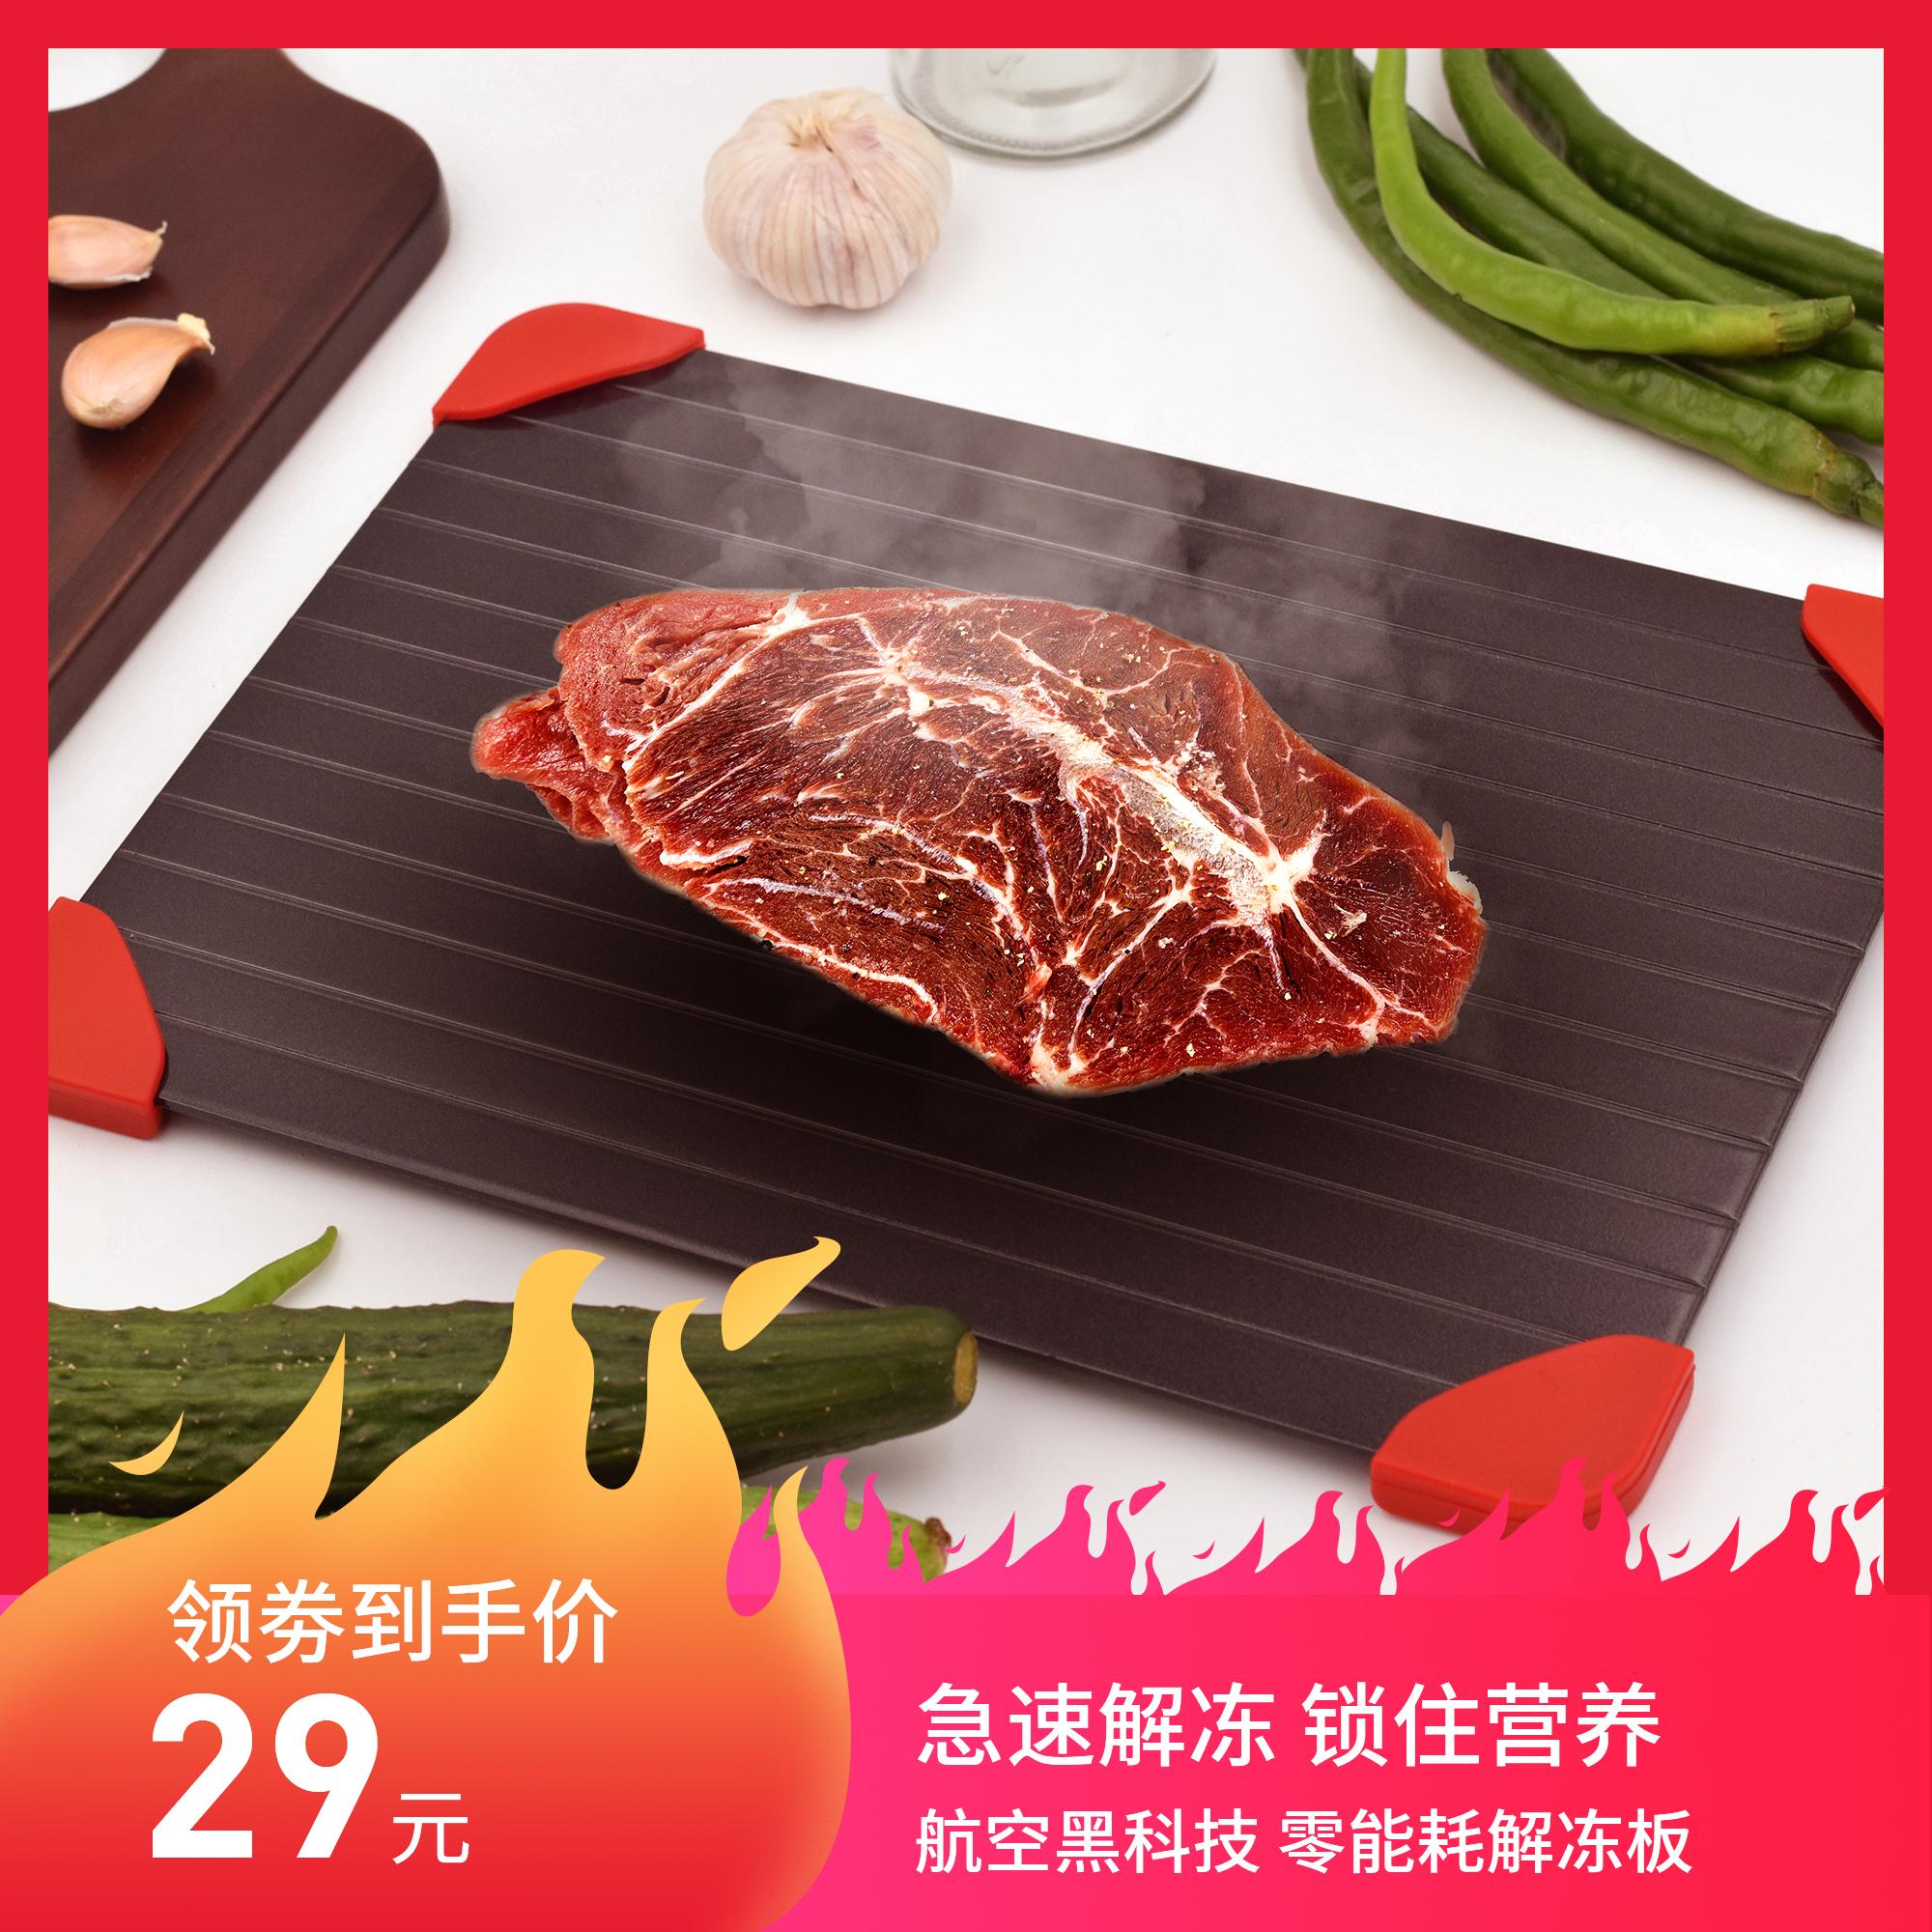 食物快速解冻板牛排海鲜极速解冻盘神器冻肉急速化冰厨房烹饪家用